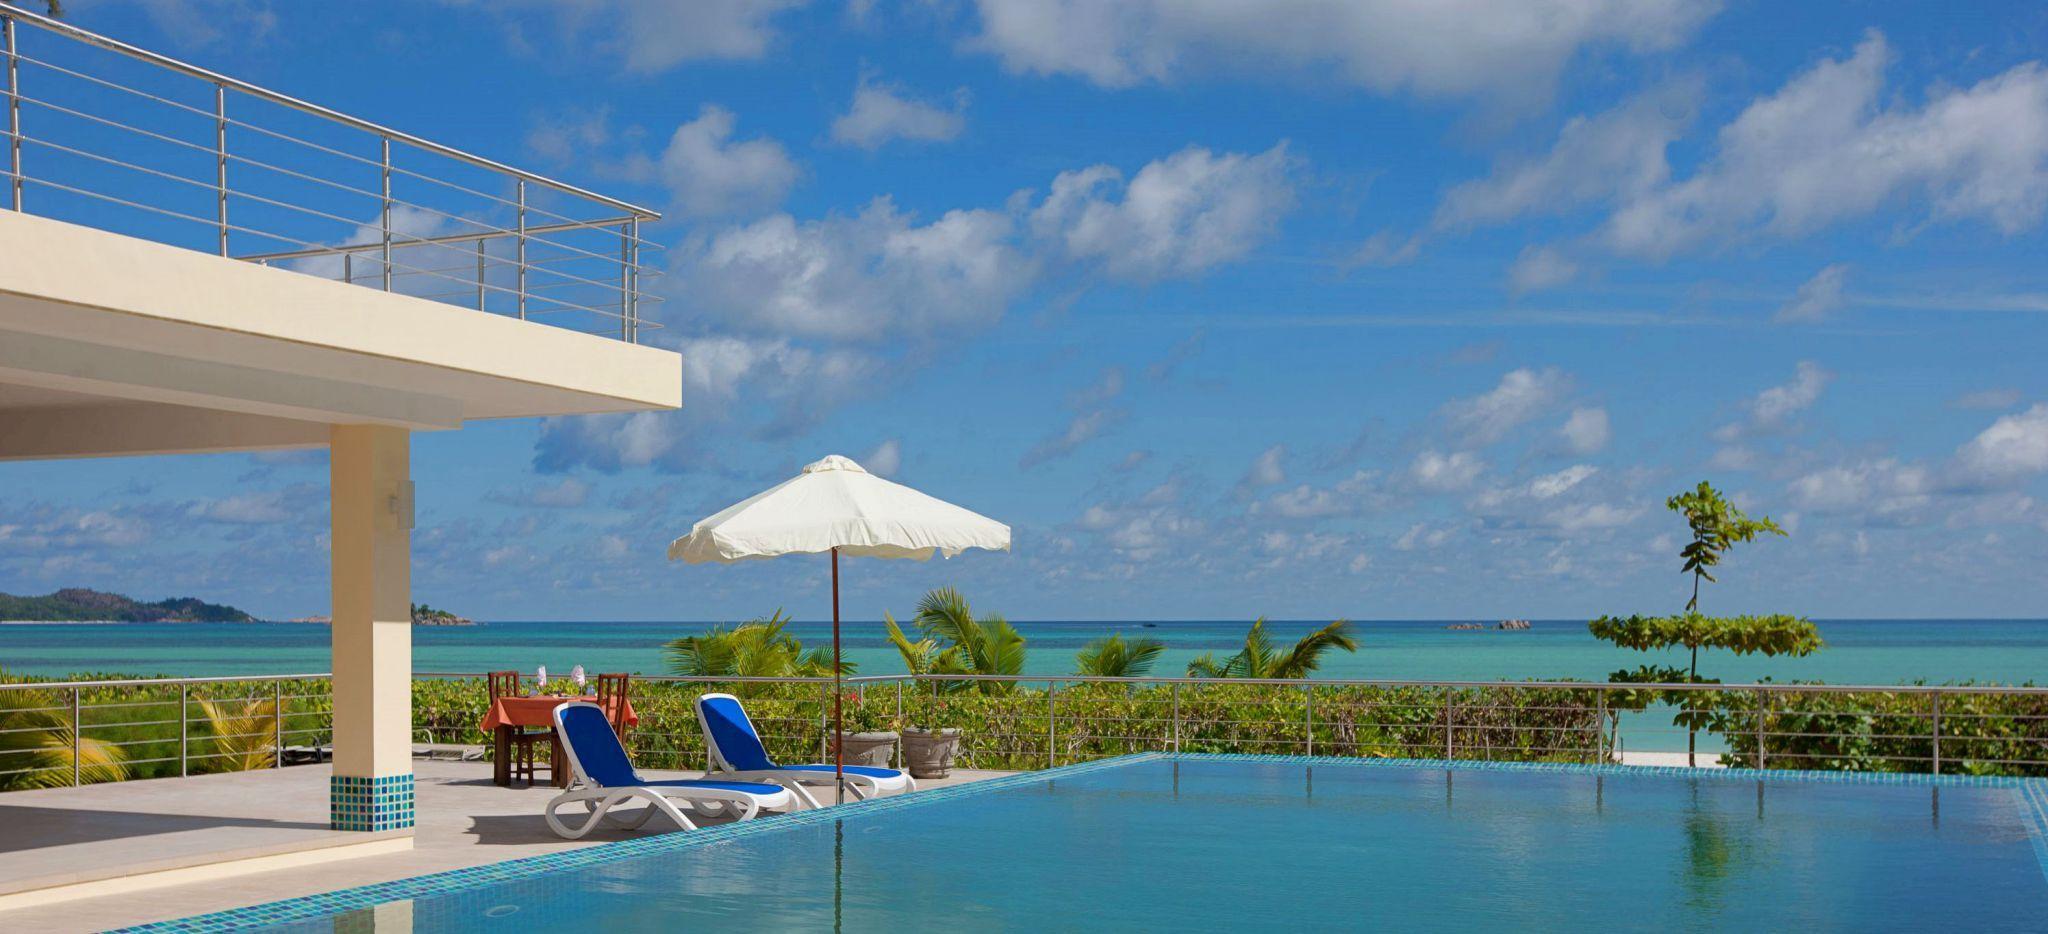 Infinity Pool mit Meerblick im Hotel Acajou